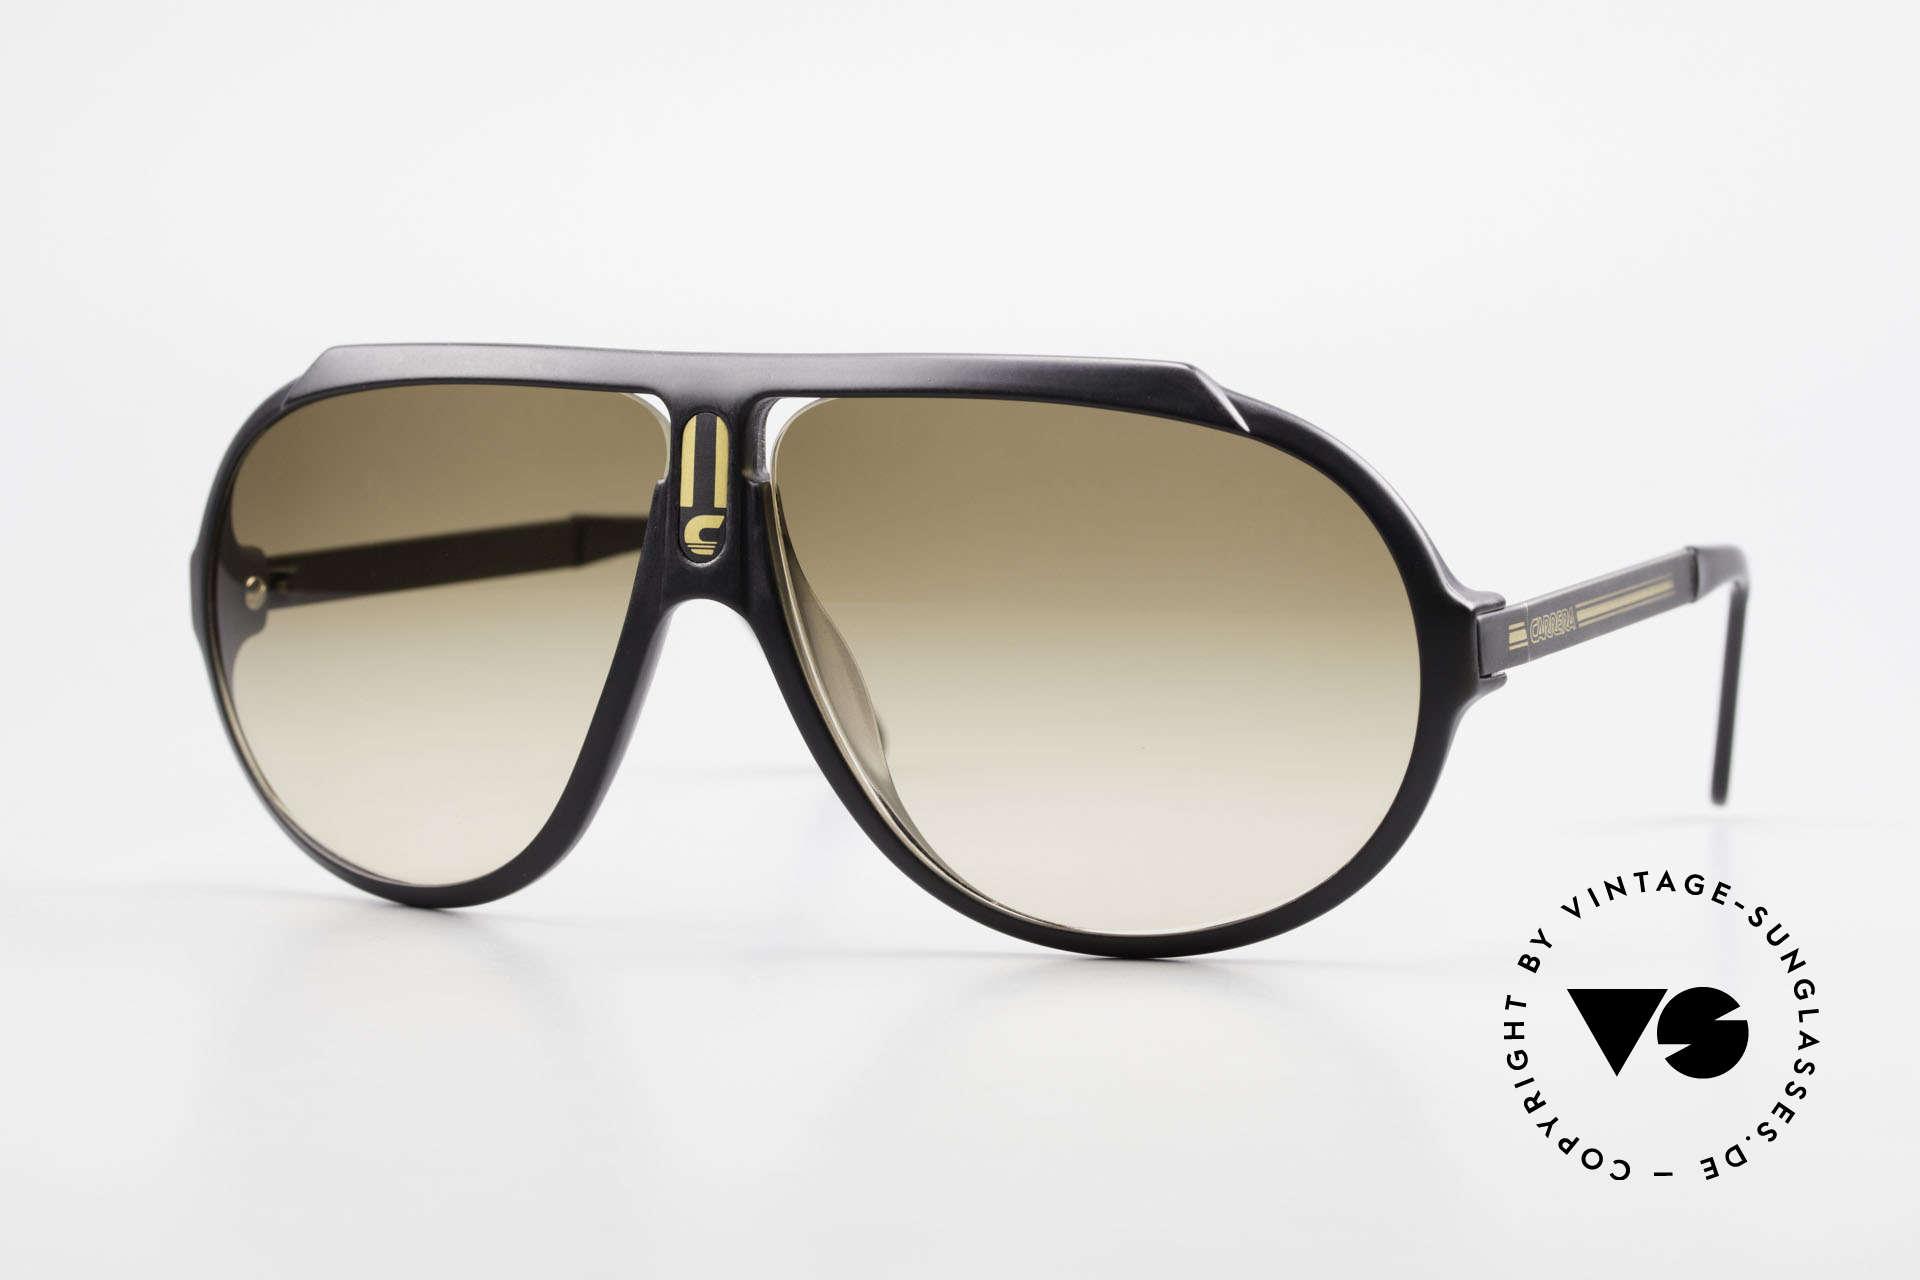 Carrera 5512 Meistgesuchte Carrera 5512, legendäre Carrera vintage Sonnenbrille in Top-Qualität, Passend für Herren